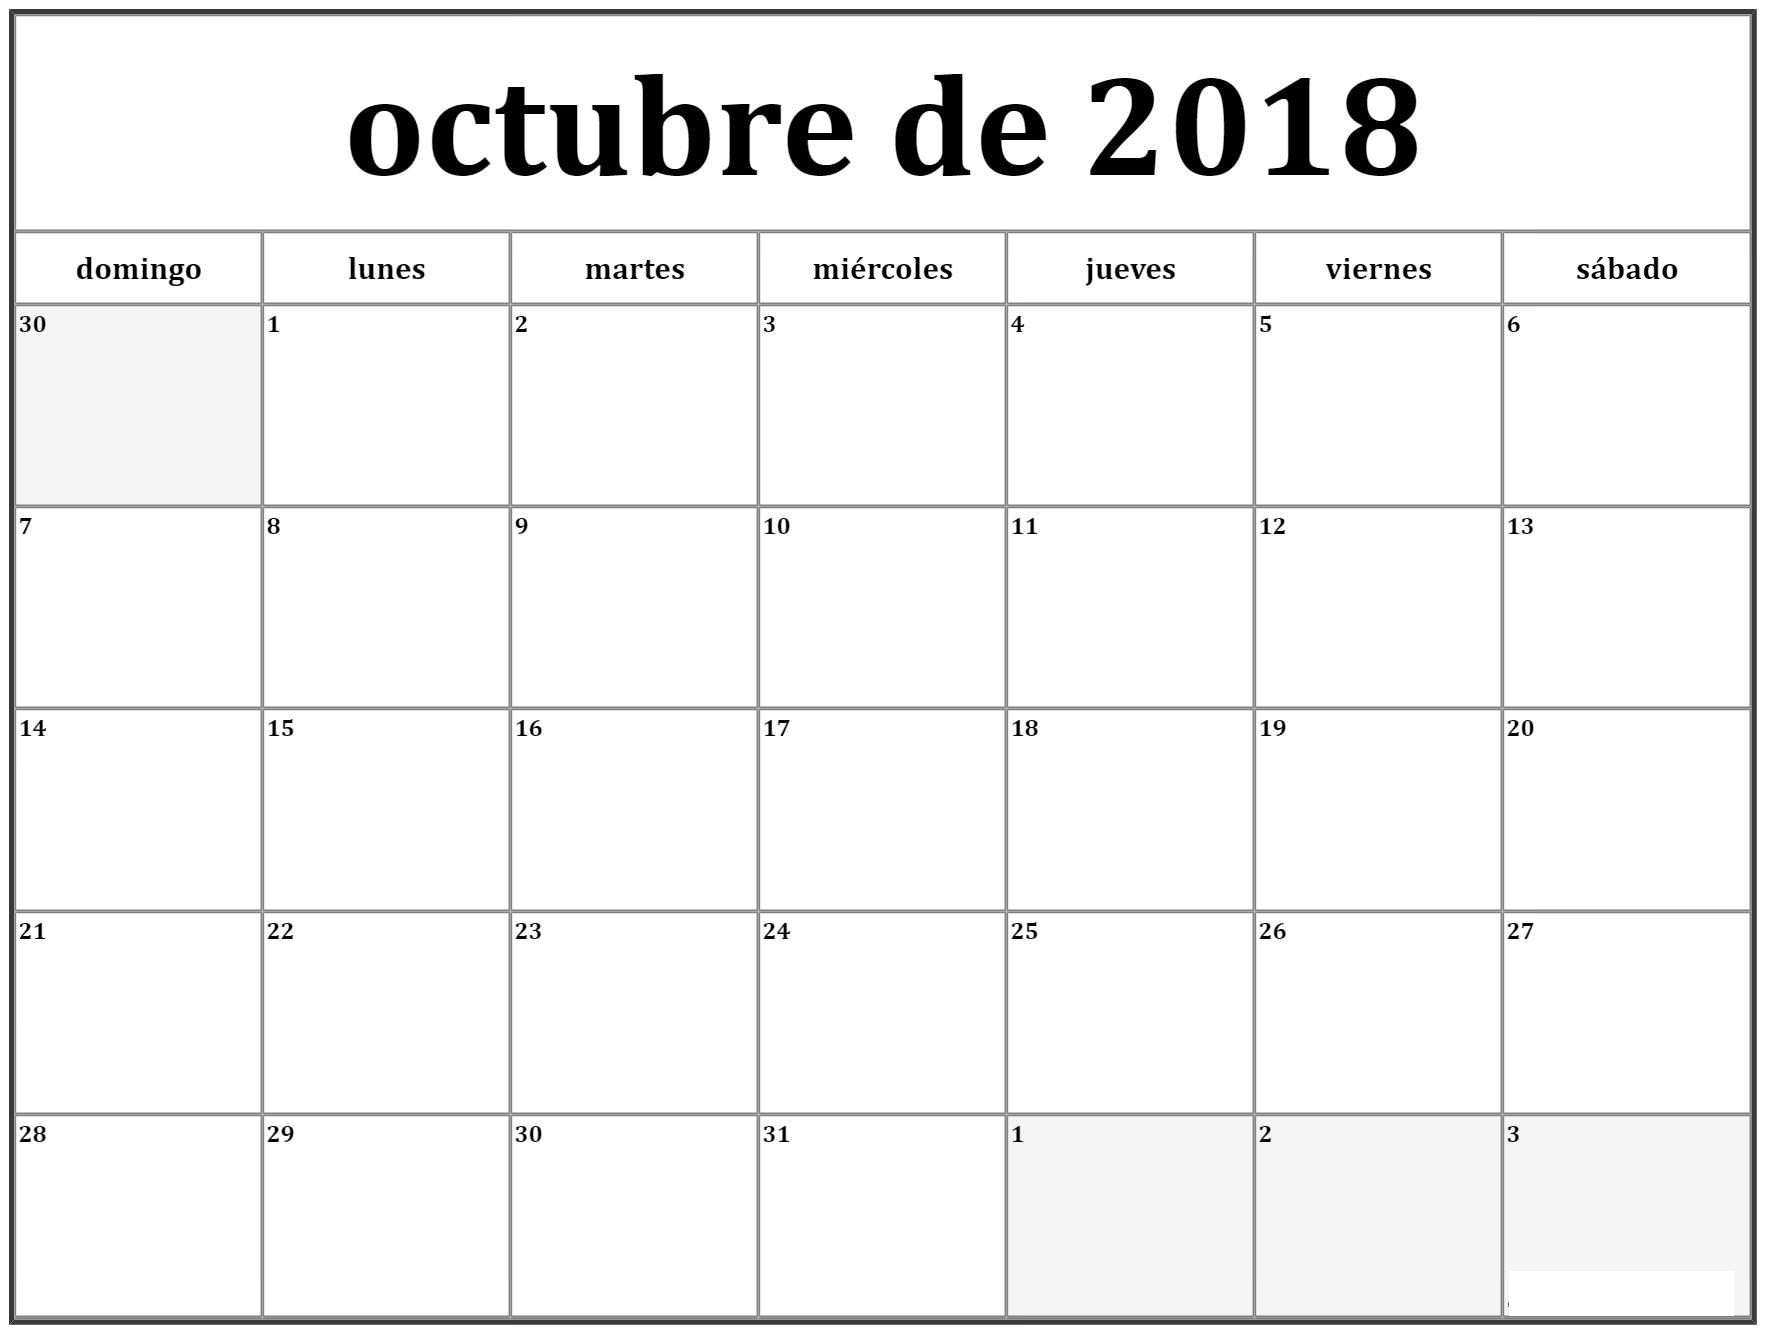 Calendario 2019 Carnavales Recientes Calendario Octubre 2018 Colombia T Of Calendario 2019 Carnavales Más Populares Tiene Lugar Entre Julio Dogmagazine